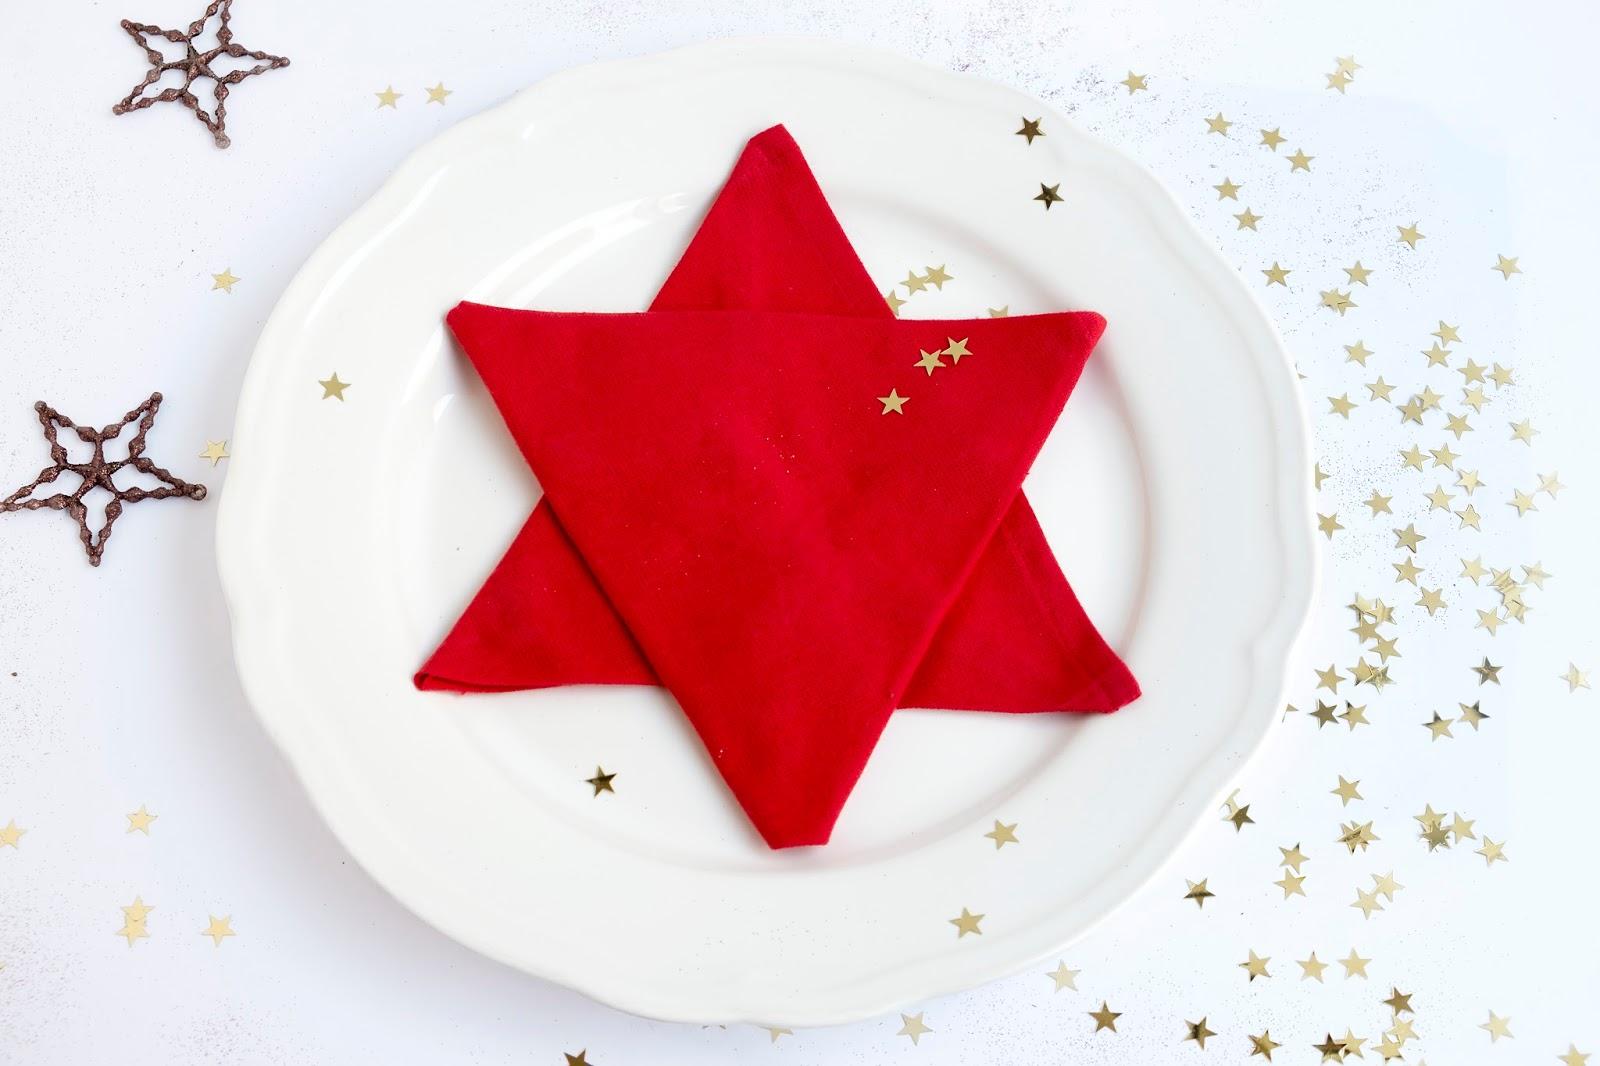 Servet vouwen in de vorm van een ster